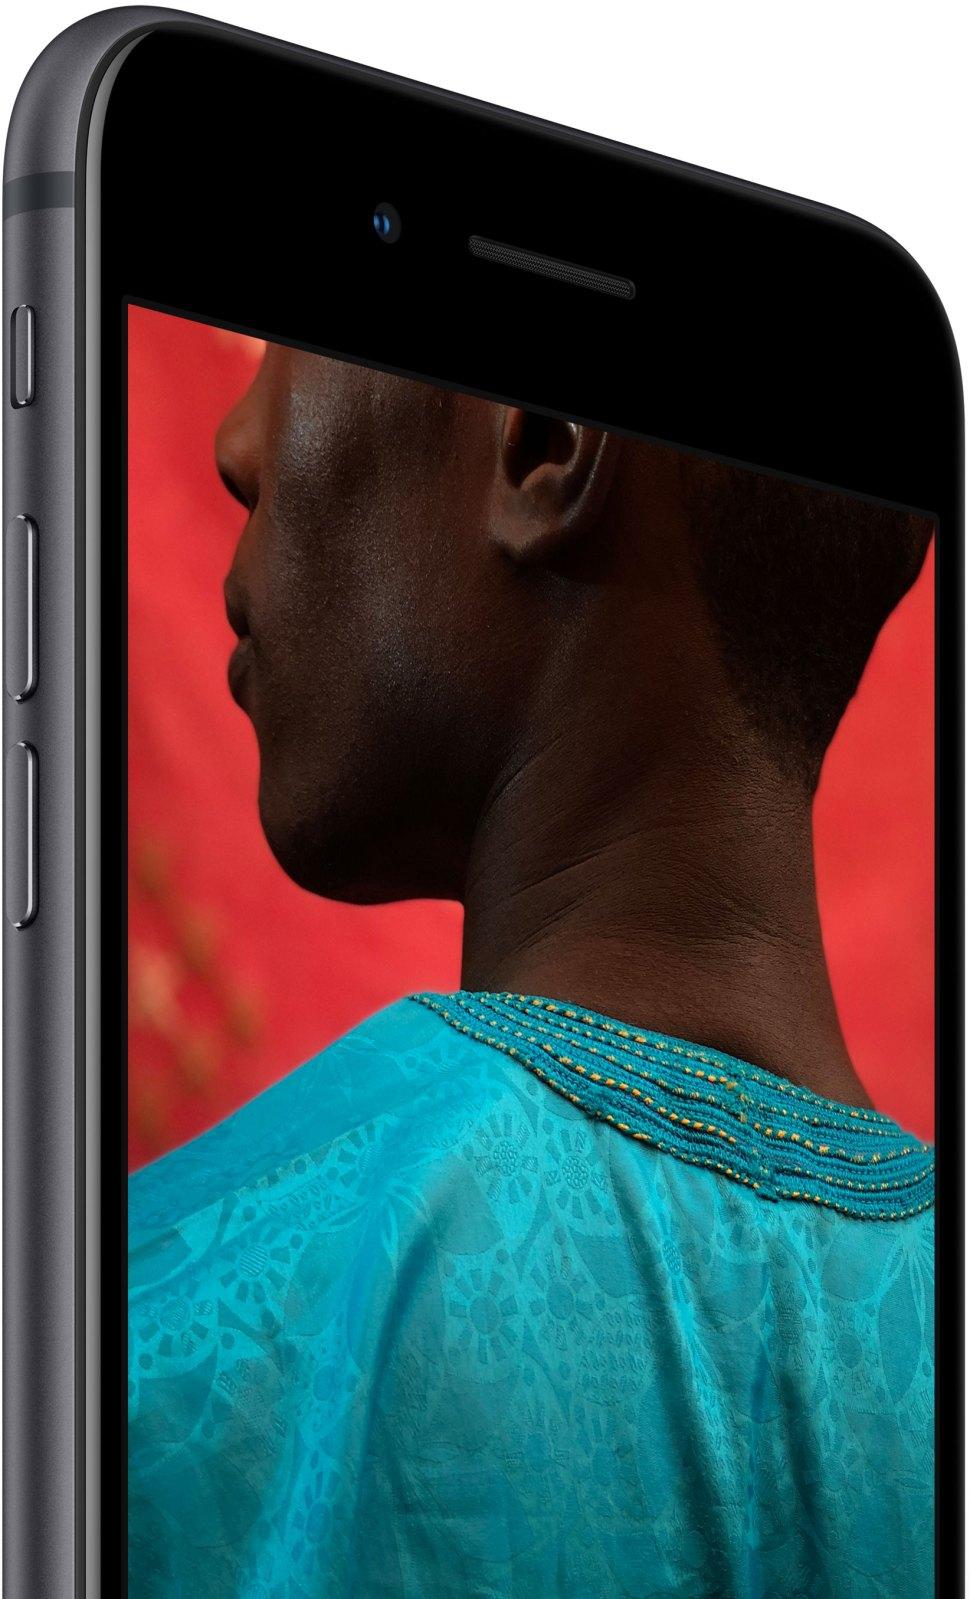 Tela do iPhone 8 Plus